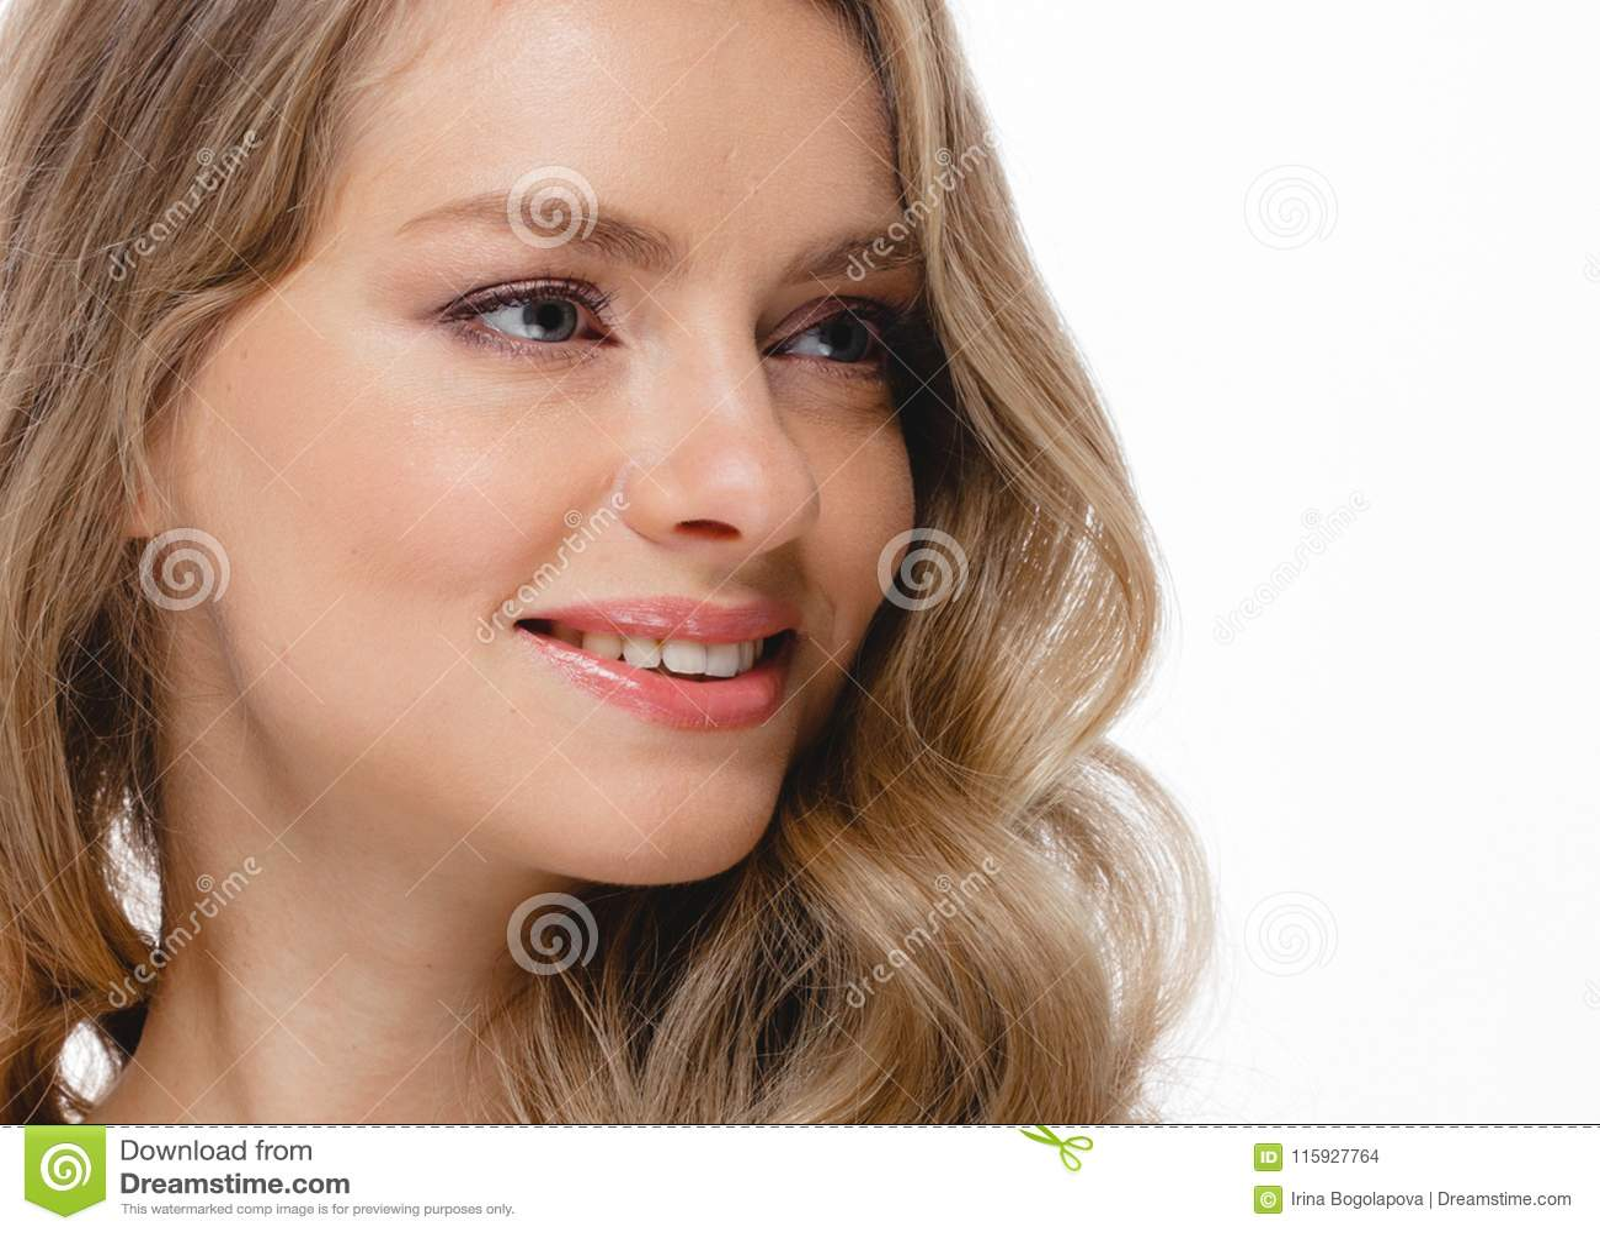 Retrato de la cara de la mujer de la belleza Girl modelo hermoso con el franco perfecto